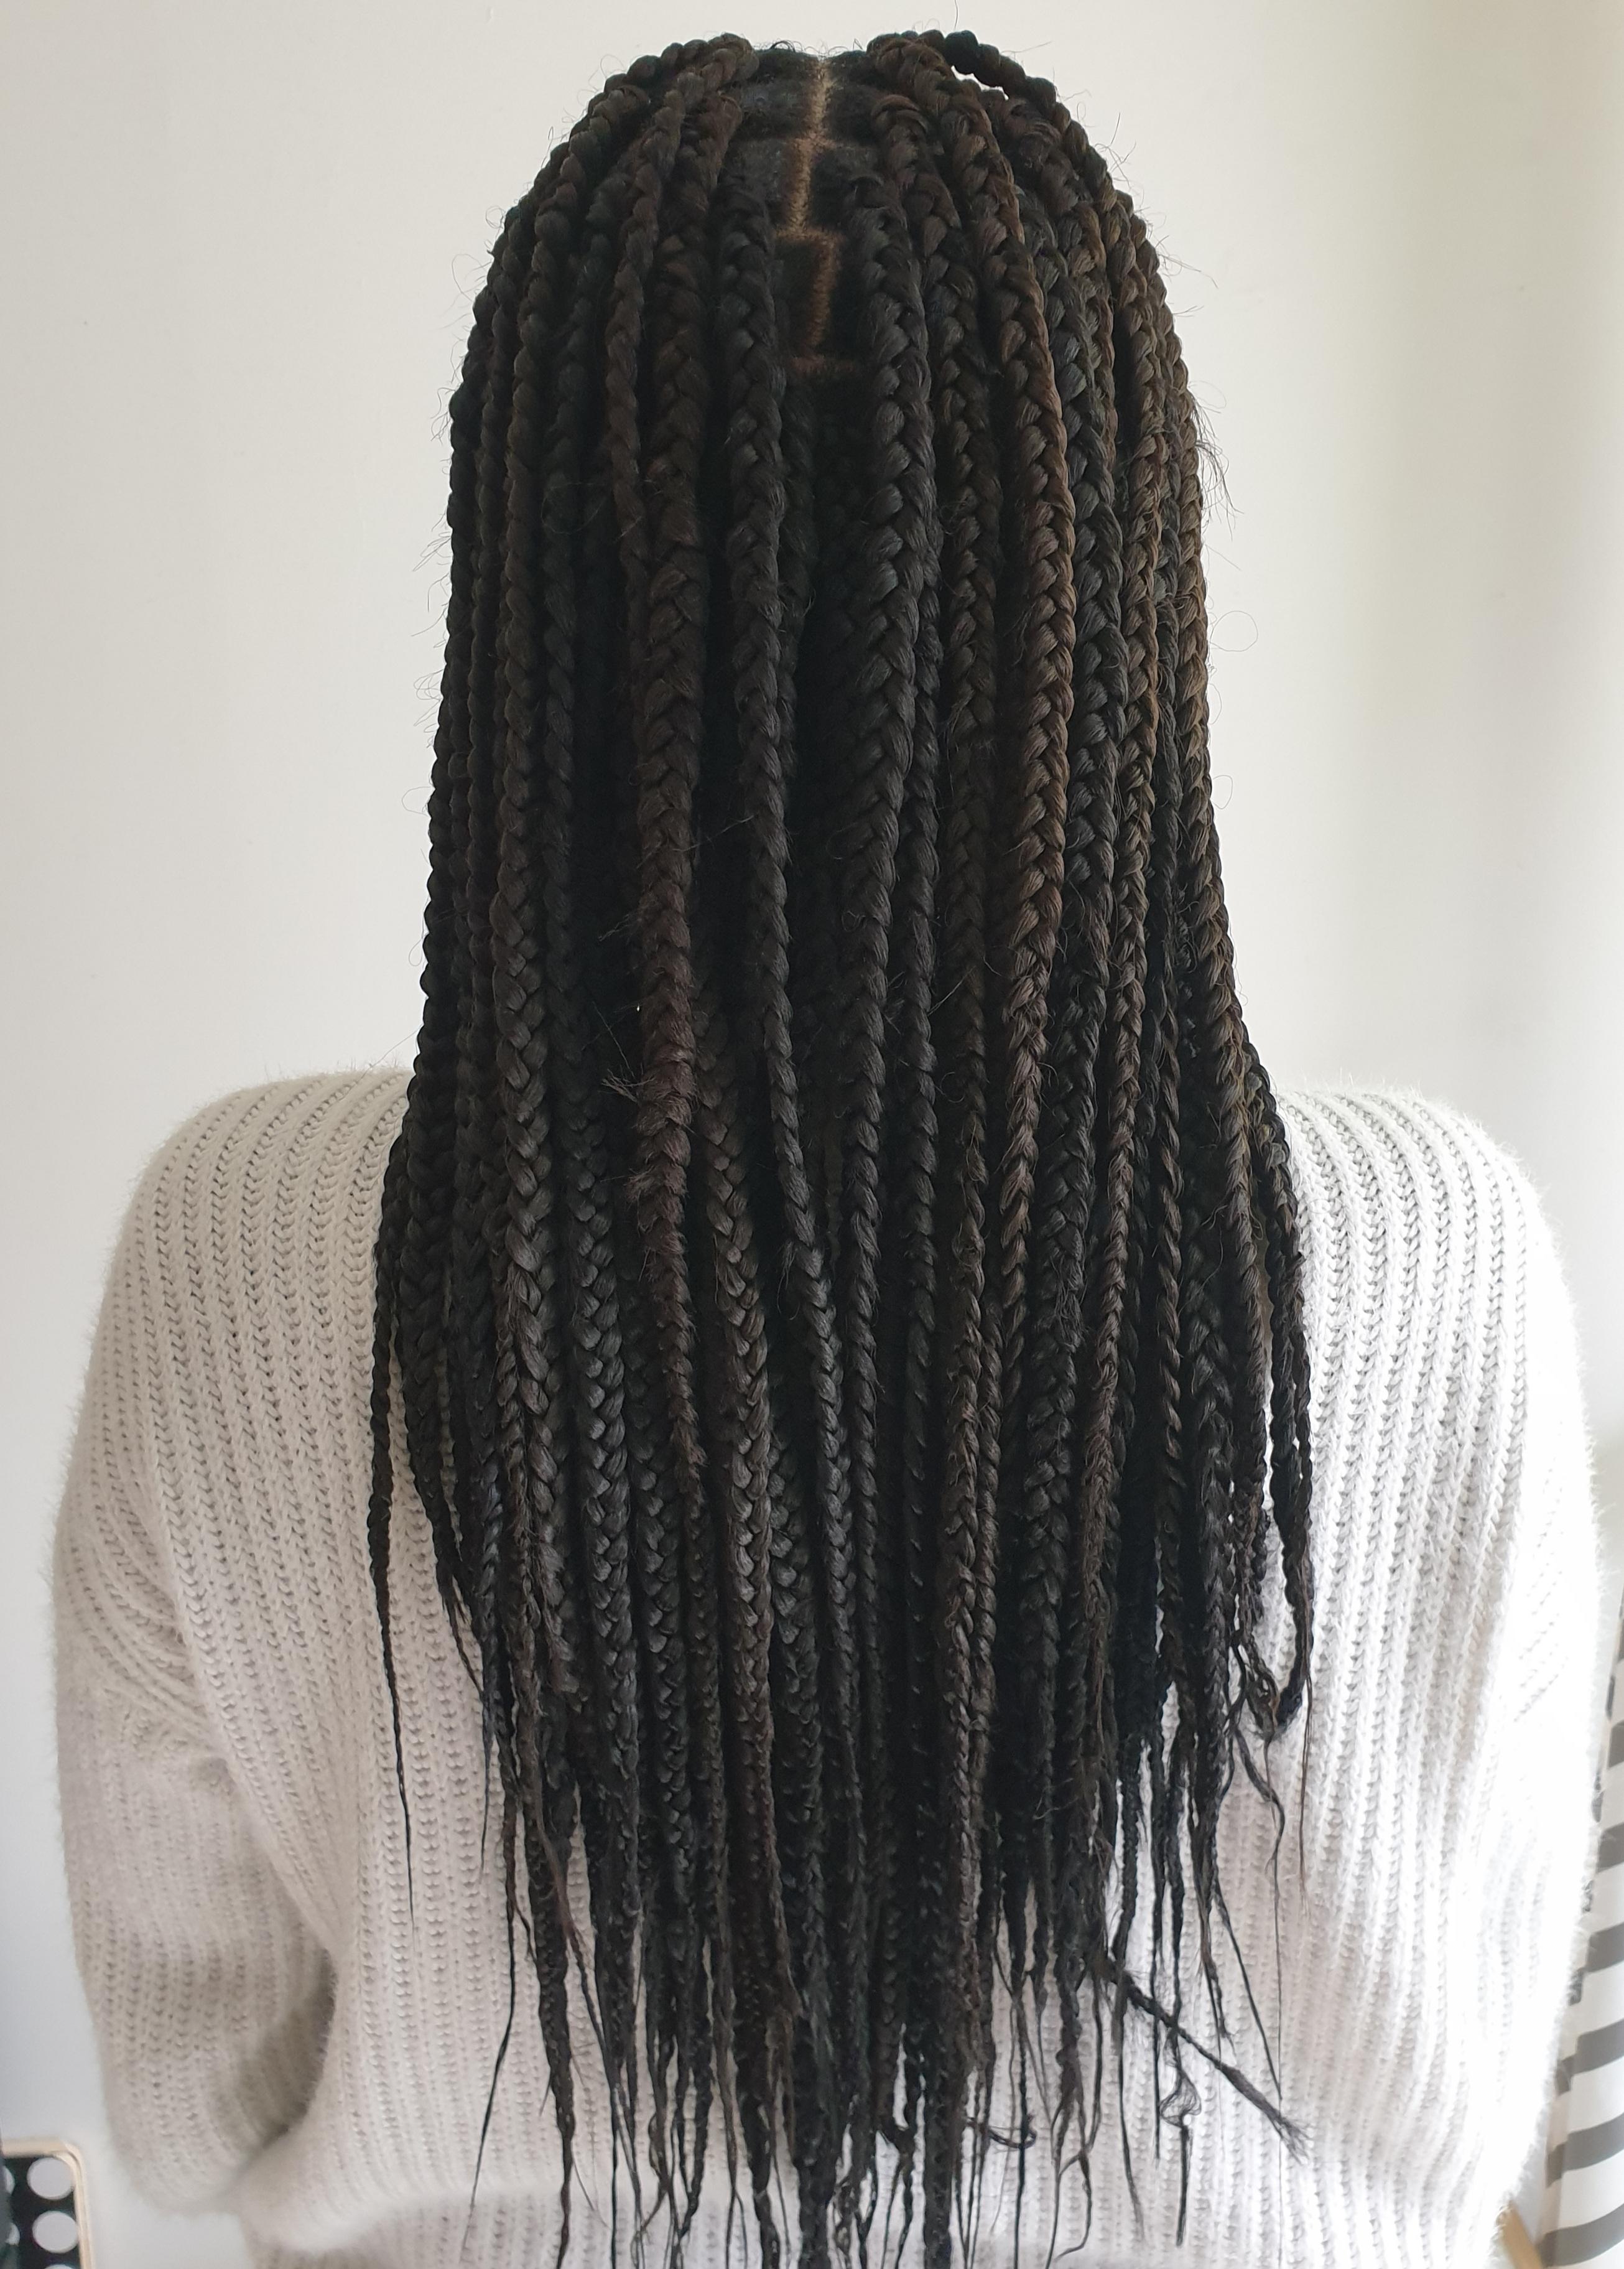 salon de coiffure afro tresse tresses box braids crochet braids vanilles tissages paris 75 77 78 91 92 93 94 95 WEDSIULL